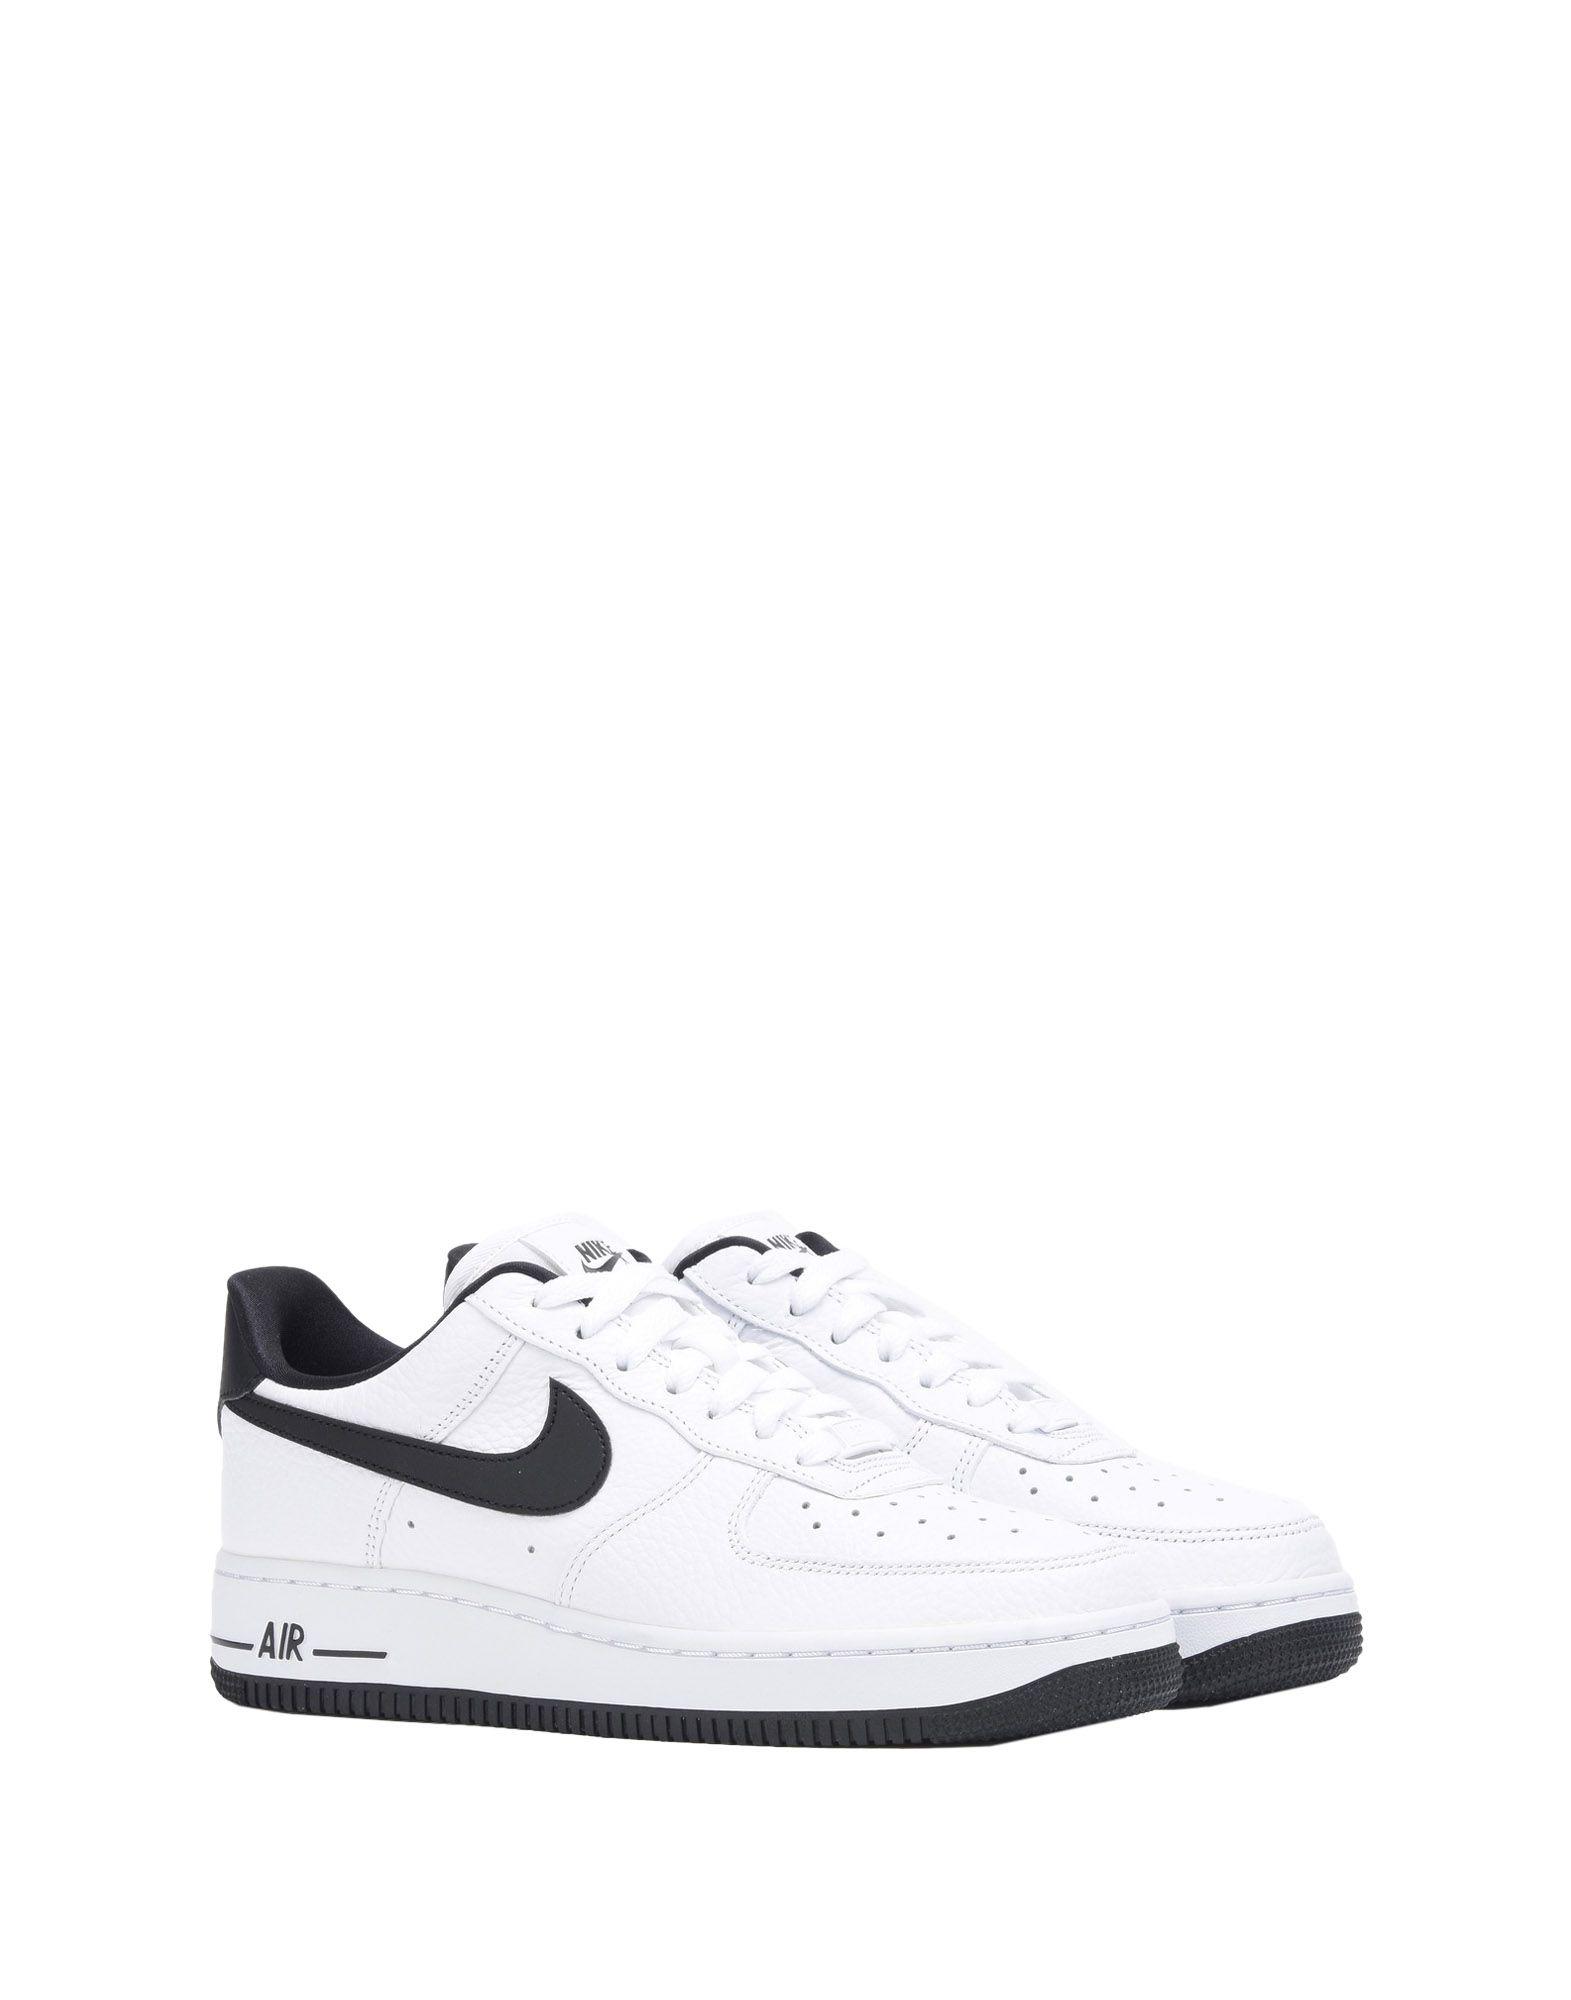 Sneakers Nike  Air Force 1 07 Se - Femme - Sneakers Nike sur